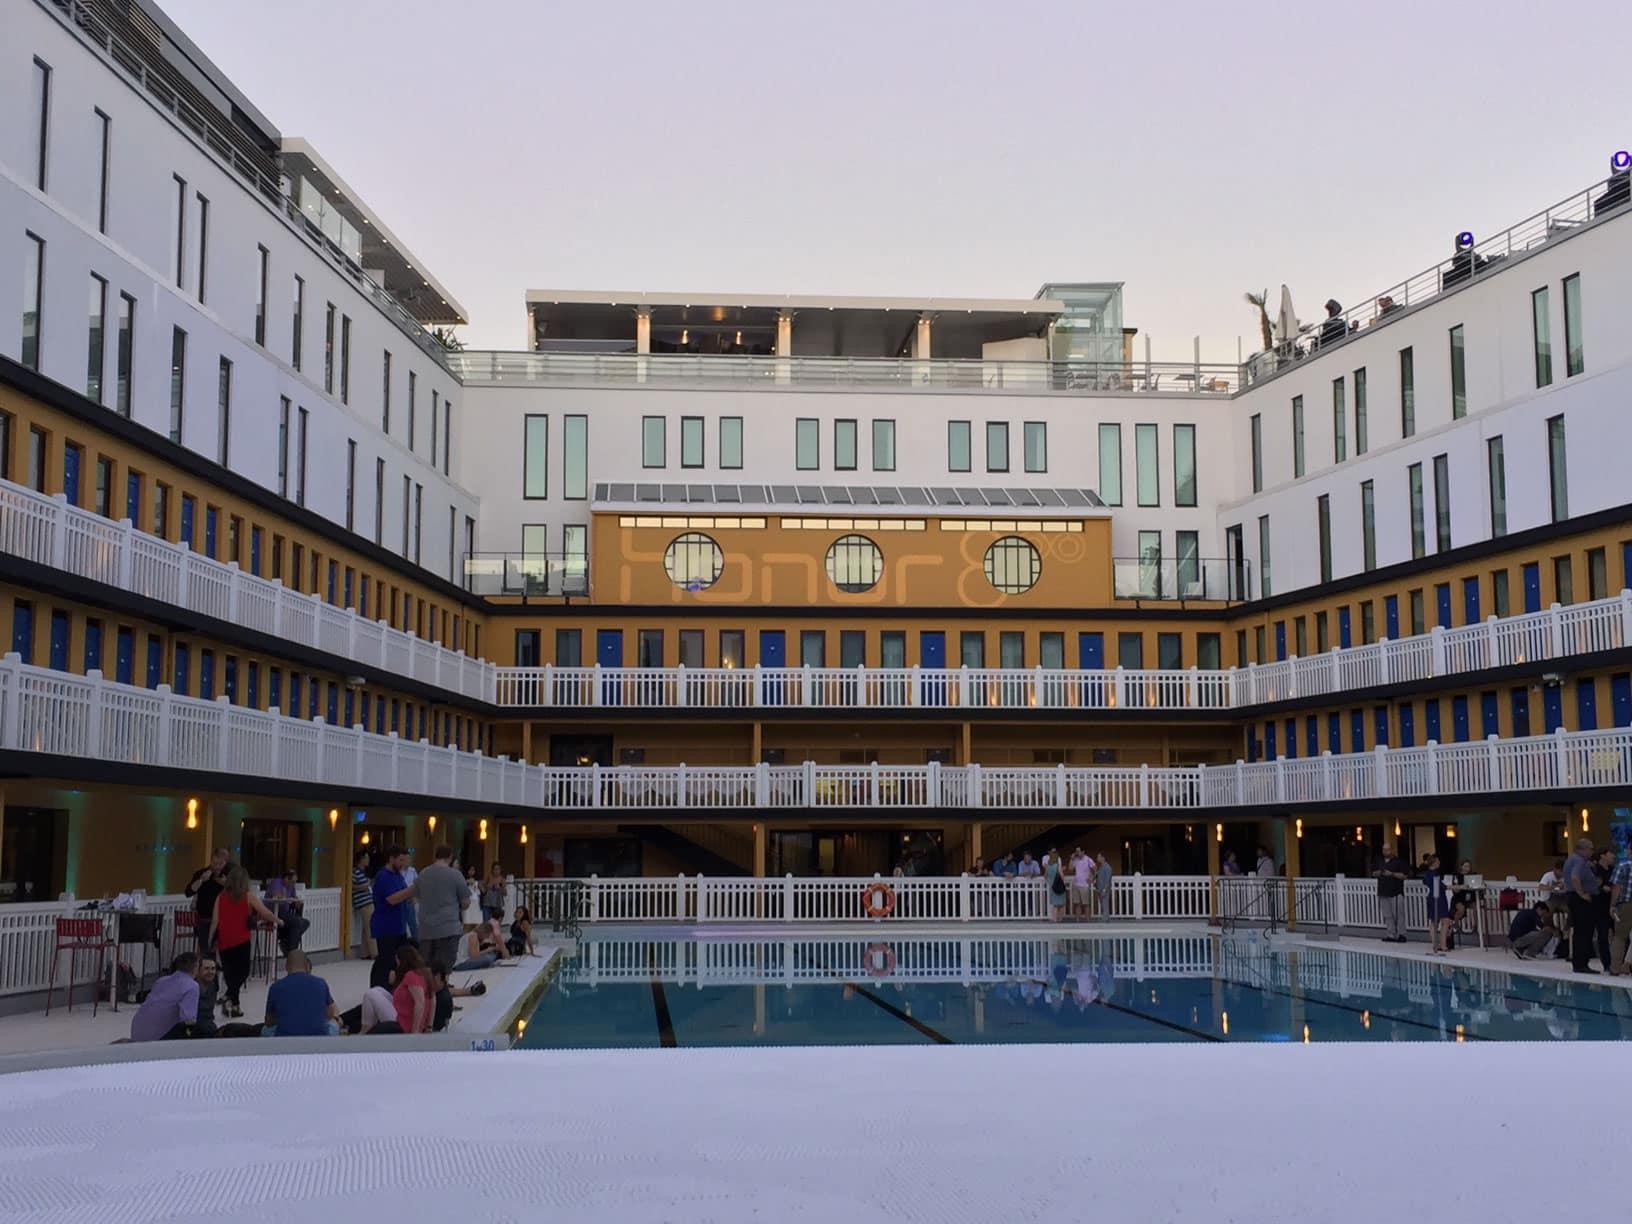 Retour sur la soir e de lancement du honor 8 la piscine for Molitor piscine prix